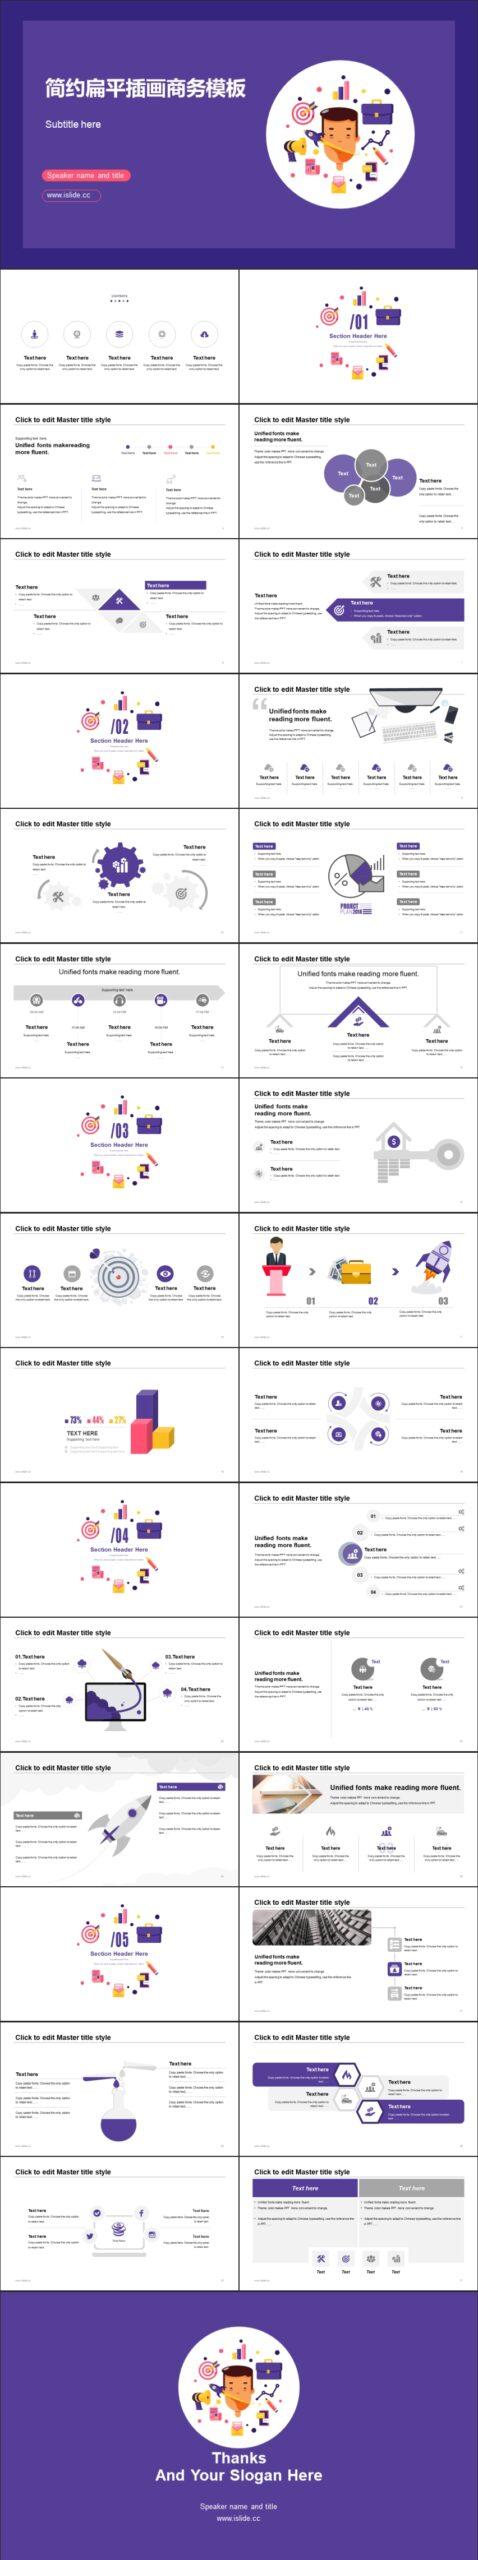 紫色扁平插畫風格個人簡歷模板_預覽圖2